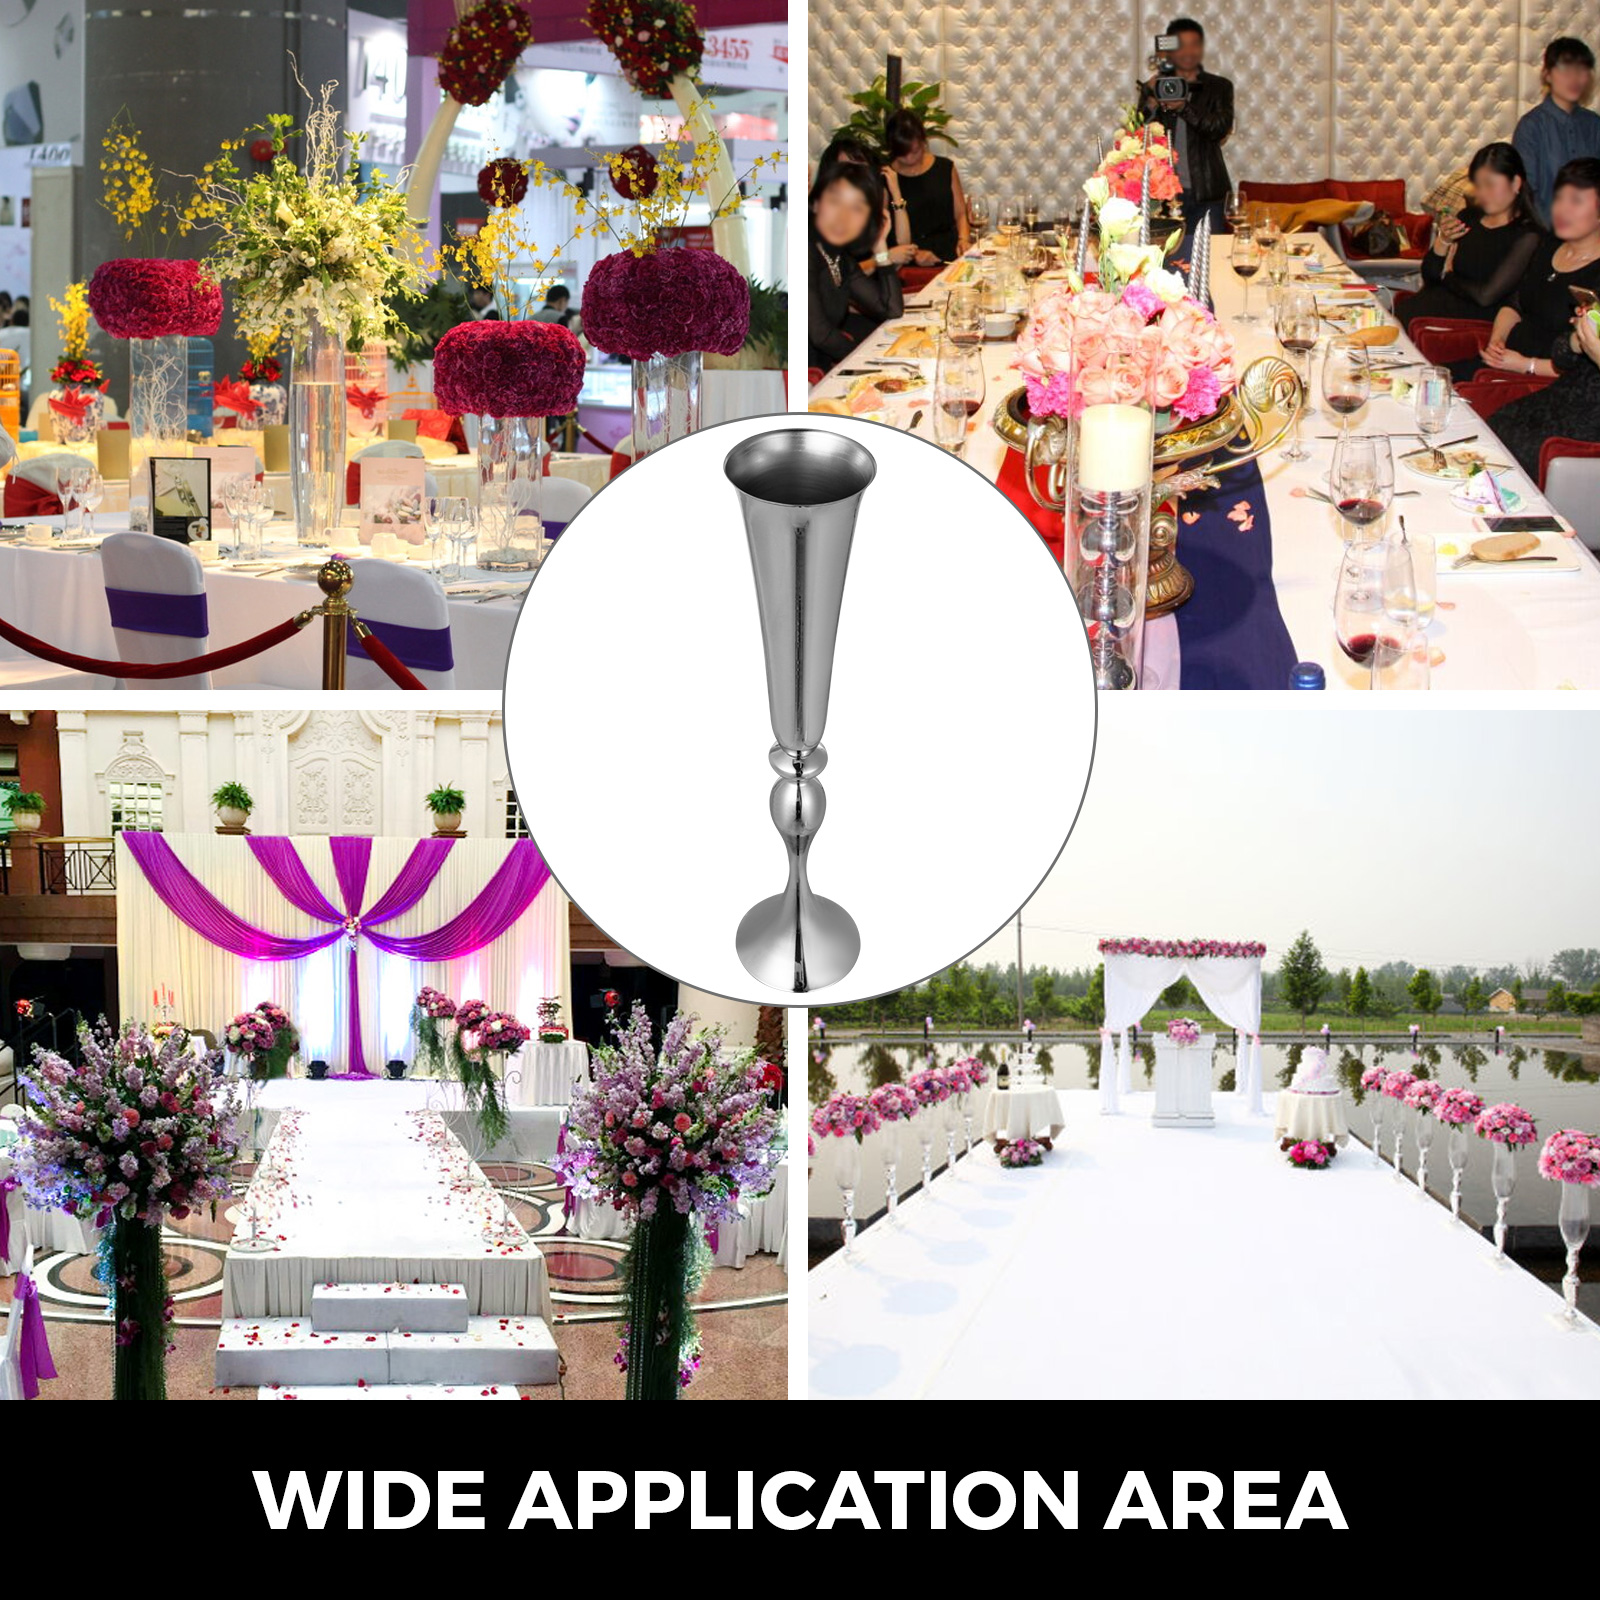 Trumpet-Vase-Flower-Vases-Centerpiece-29-5-034-22-034-for-Party-Celebration-Events thumbnail 103